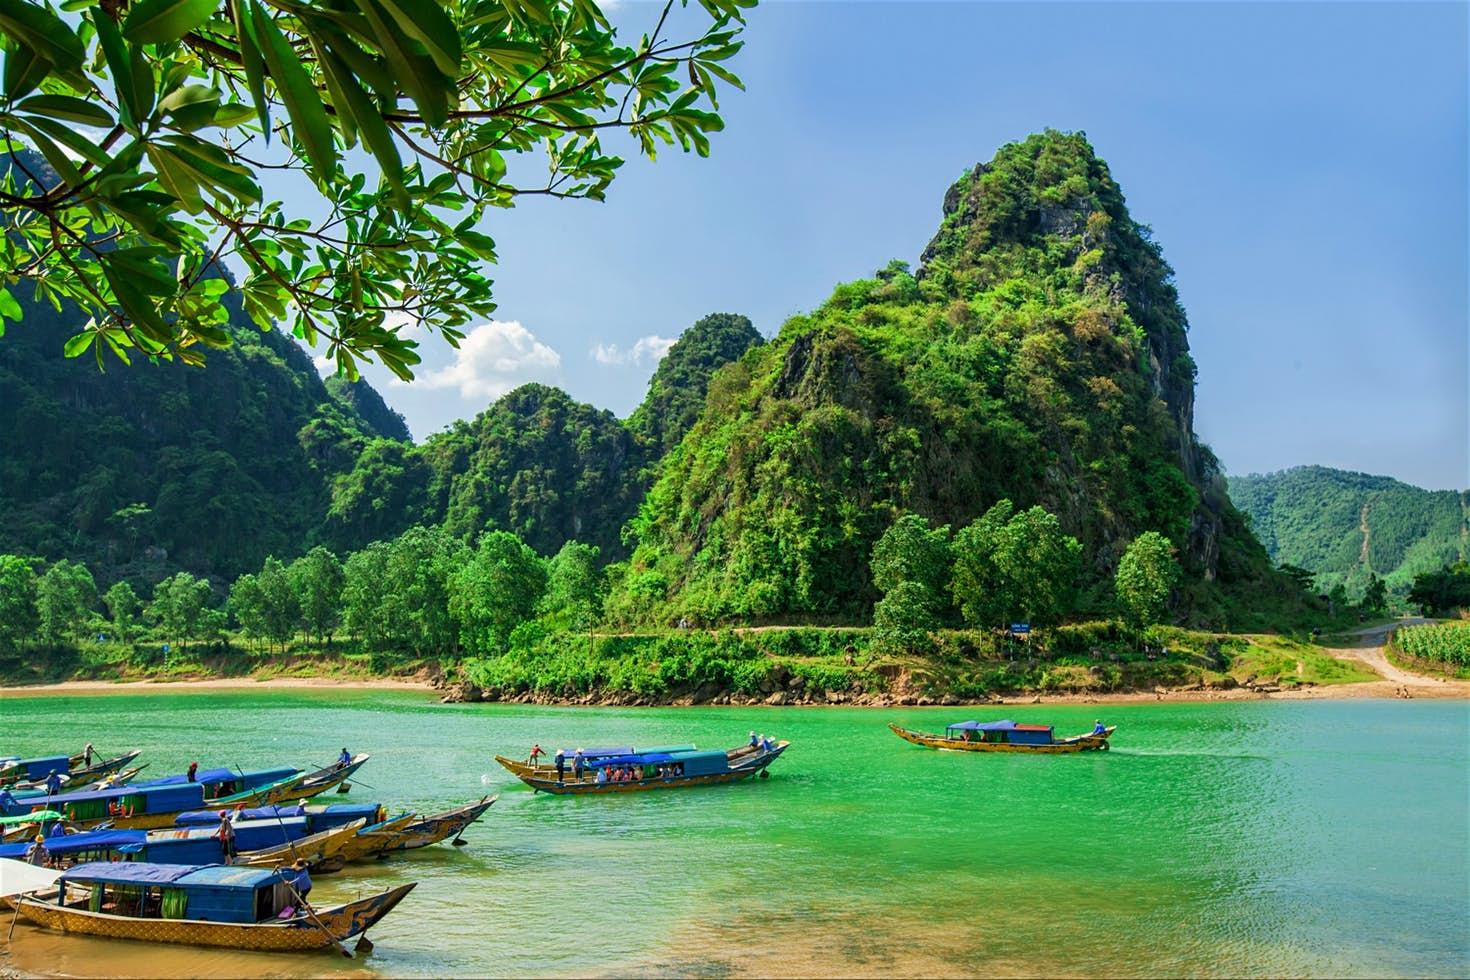 Phong cảnh hữu tình vườn quốc gia Phong Nha - Kẻ Bàng